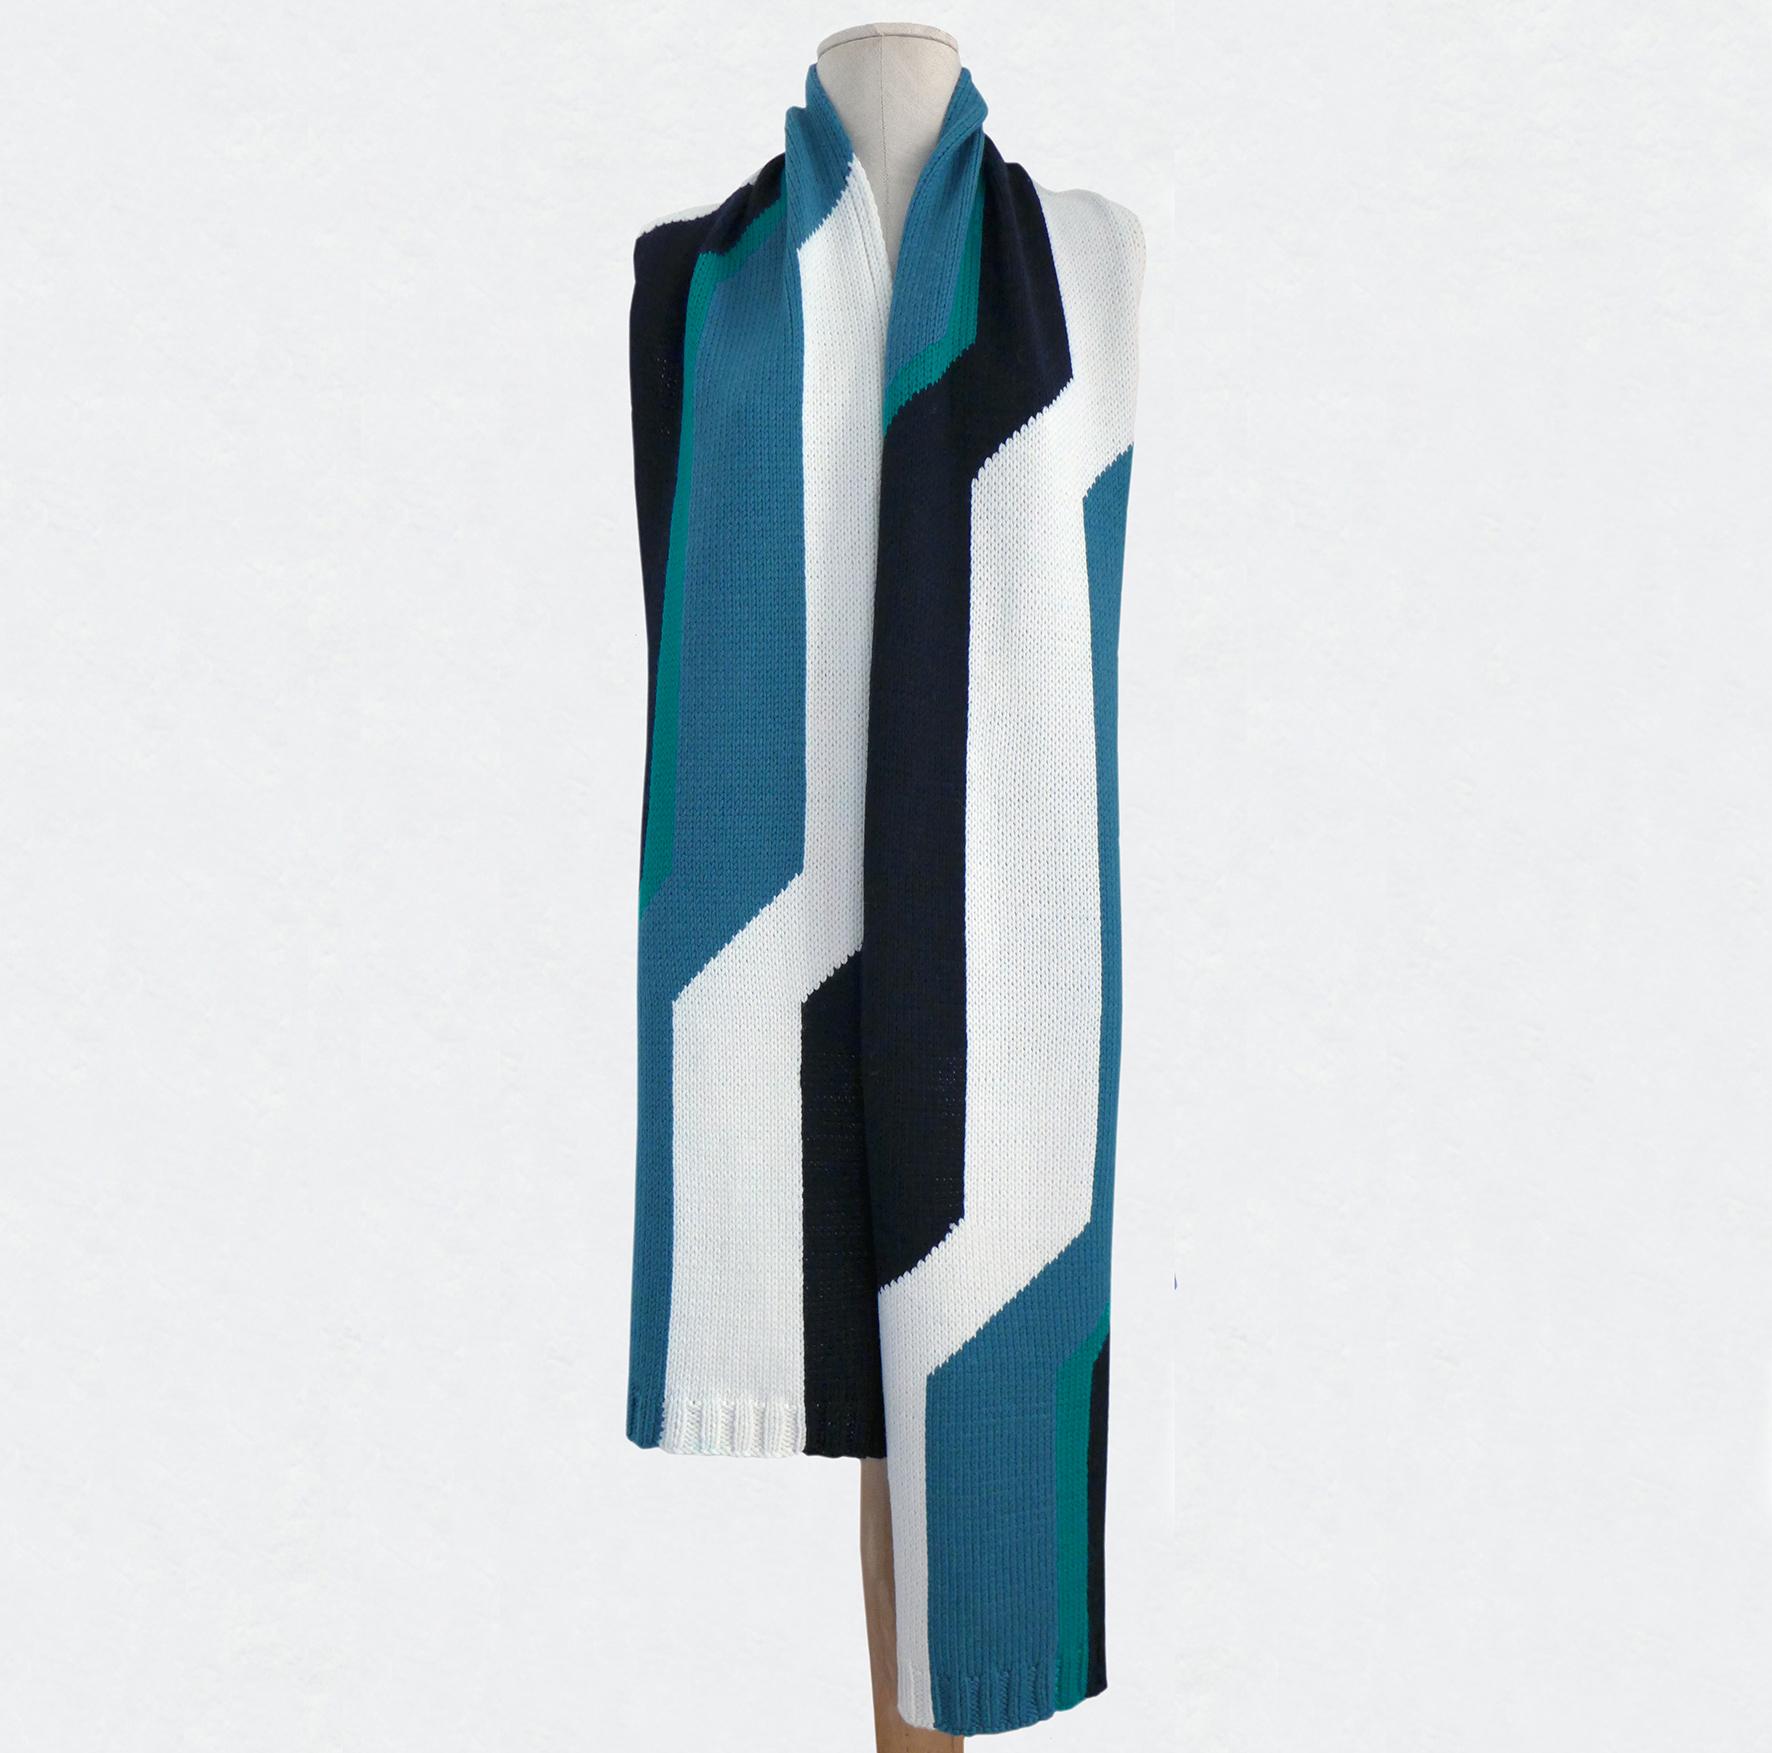 TRIBUTE_E.S tricolore, noir_blanc_vert 1